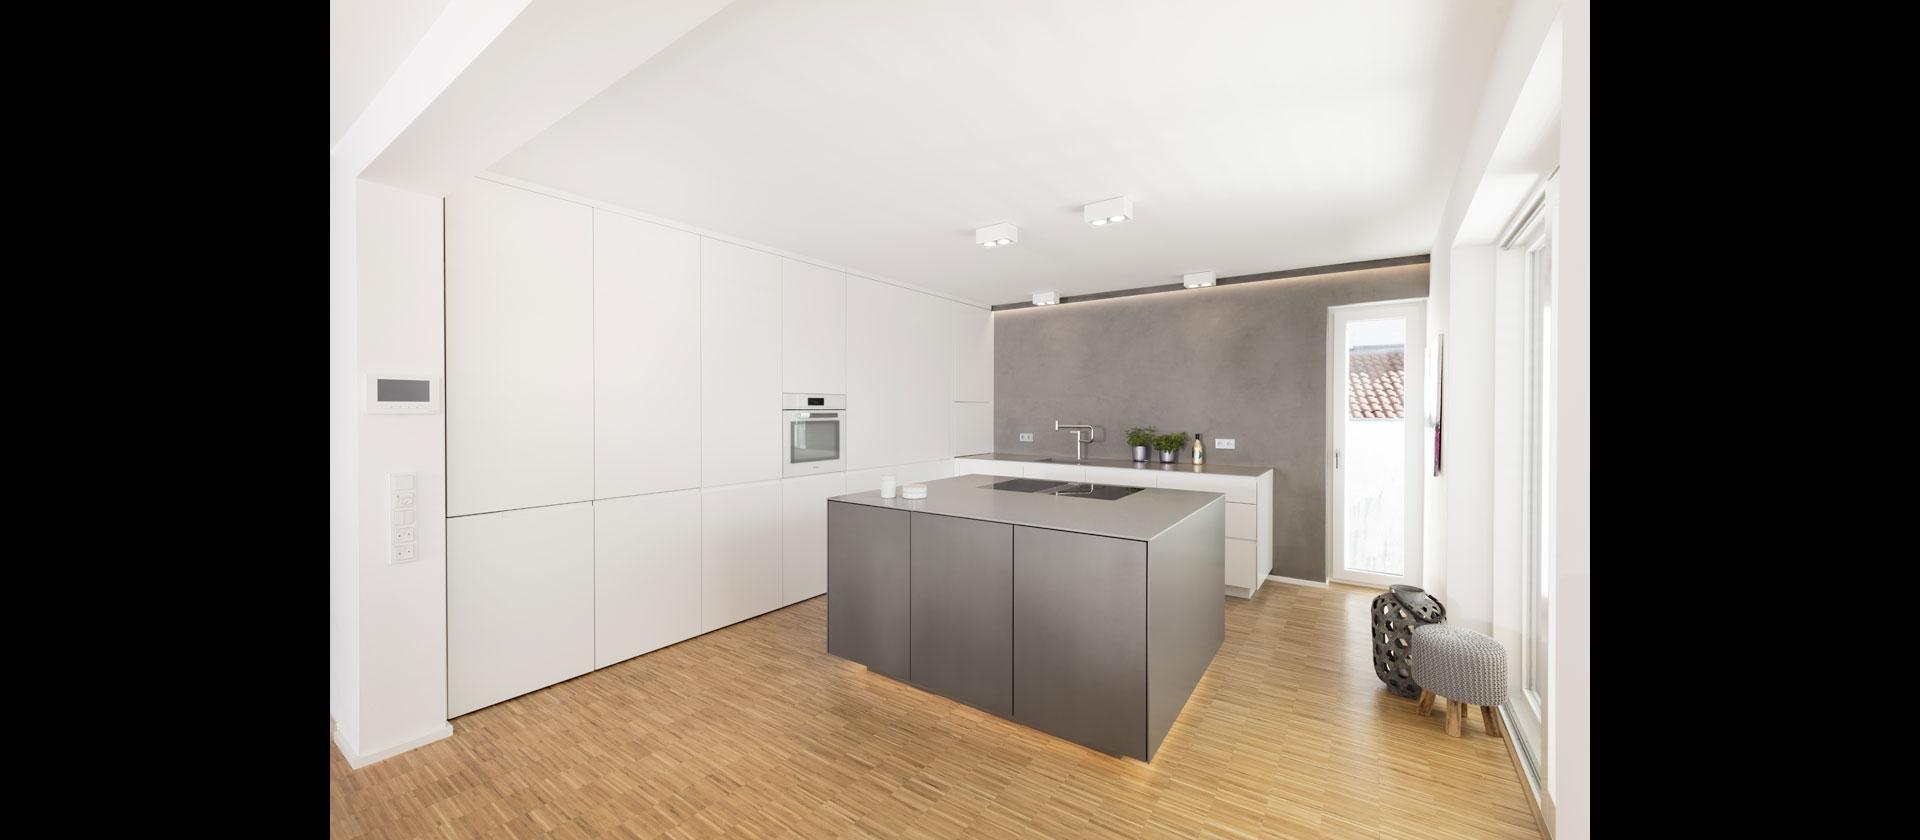 offene k che mit block und esstisch. Black Bedroom Furniture Sets. Home Design Ideas